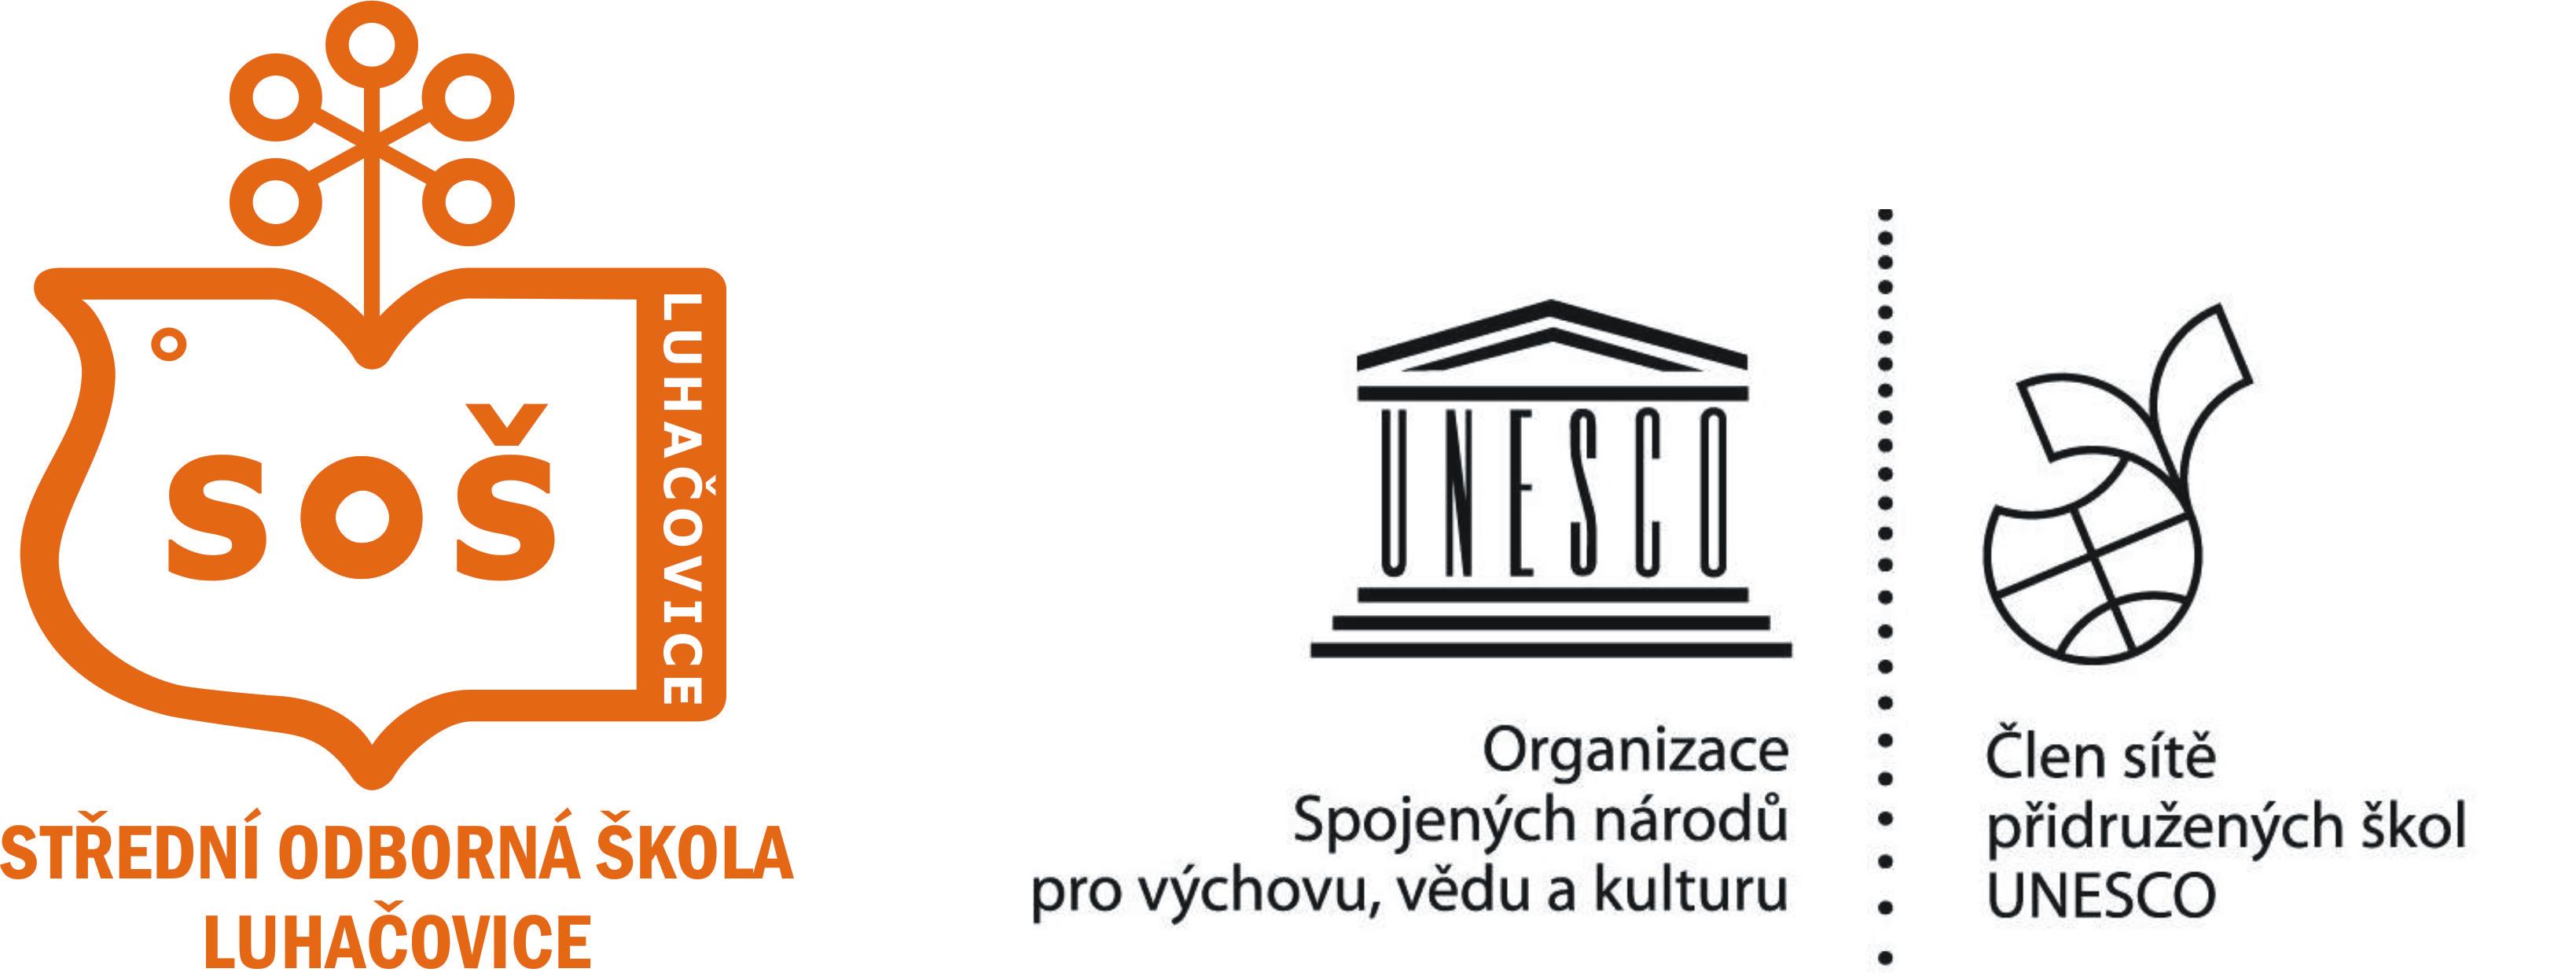 Střední odborná škola Luhačovice logo